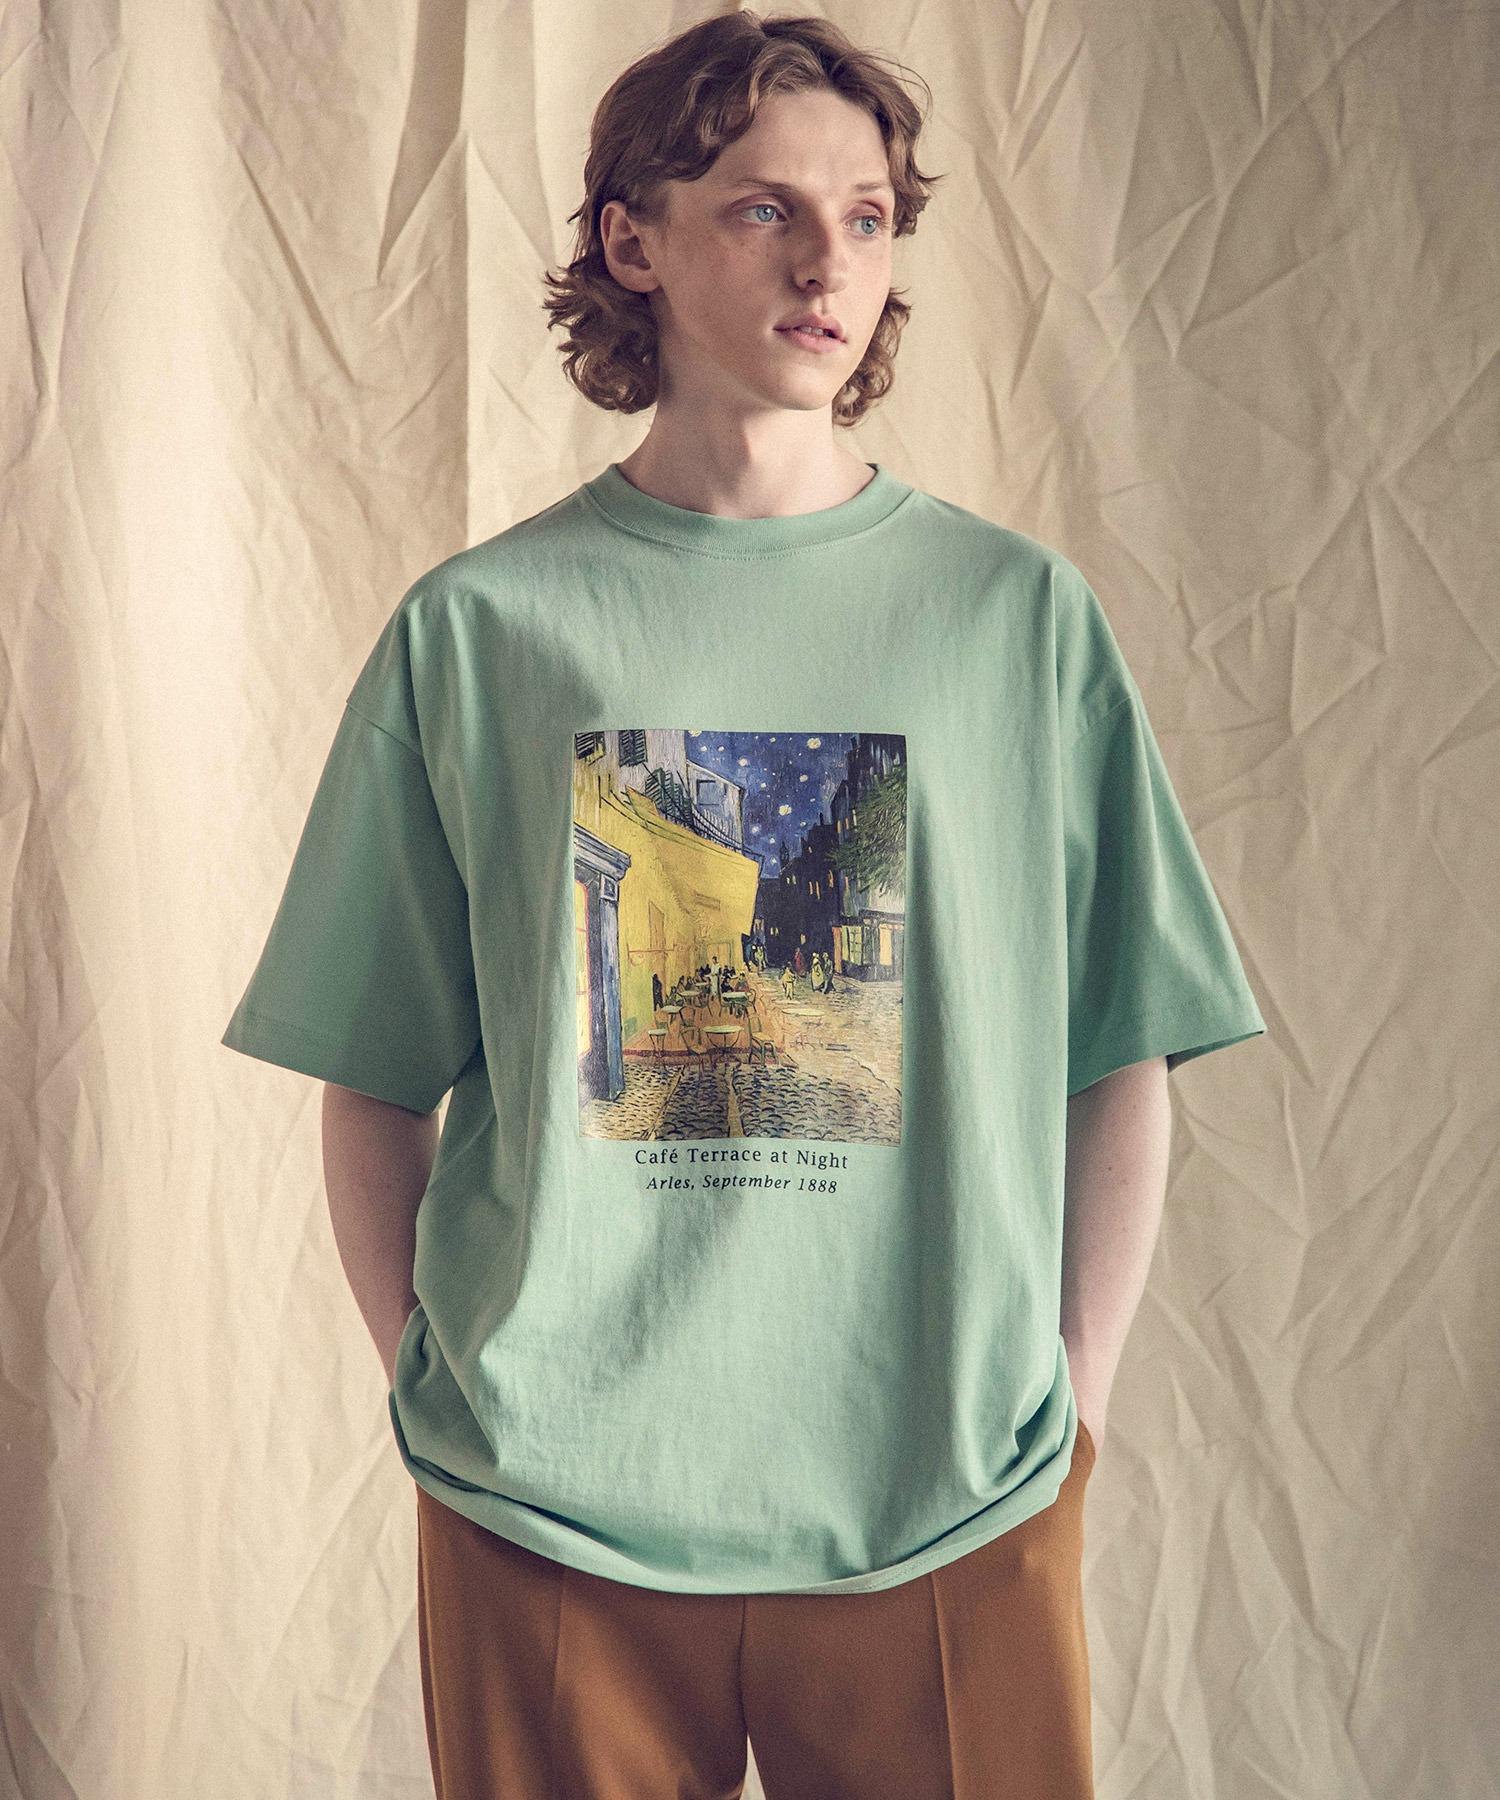 ART×EMMA CLOTHES別注 アート転写プリントビックシルエット半袖カットソー